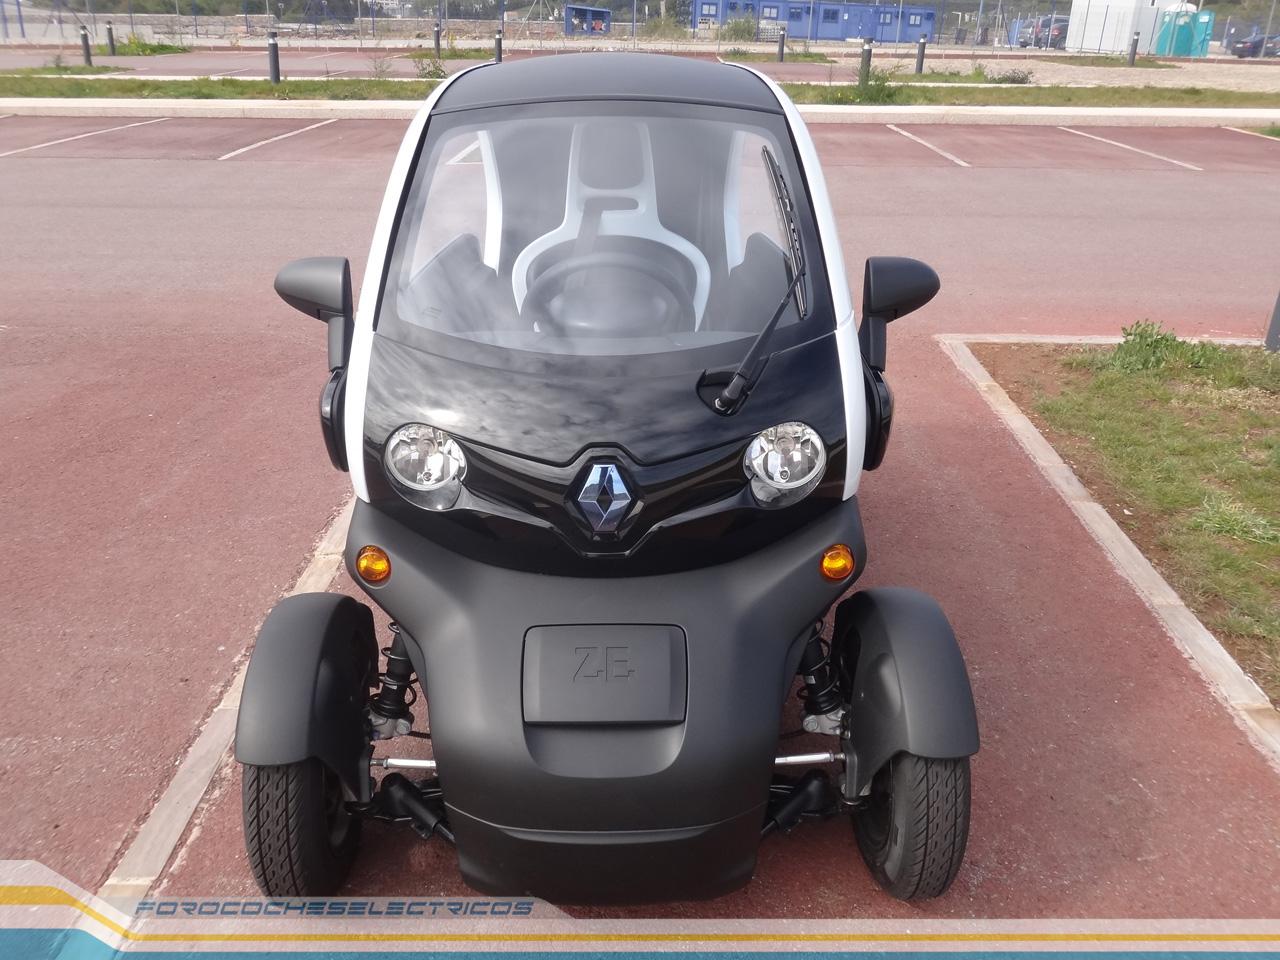 Pasamos al aspecto que seguramente más os interese, la autonomía, un aspecto que según Renault, los 7 kWh de la batería del Twizy le proporciona unos 100 ...